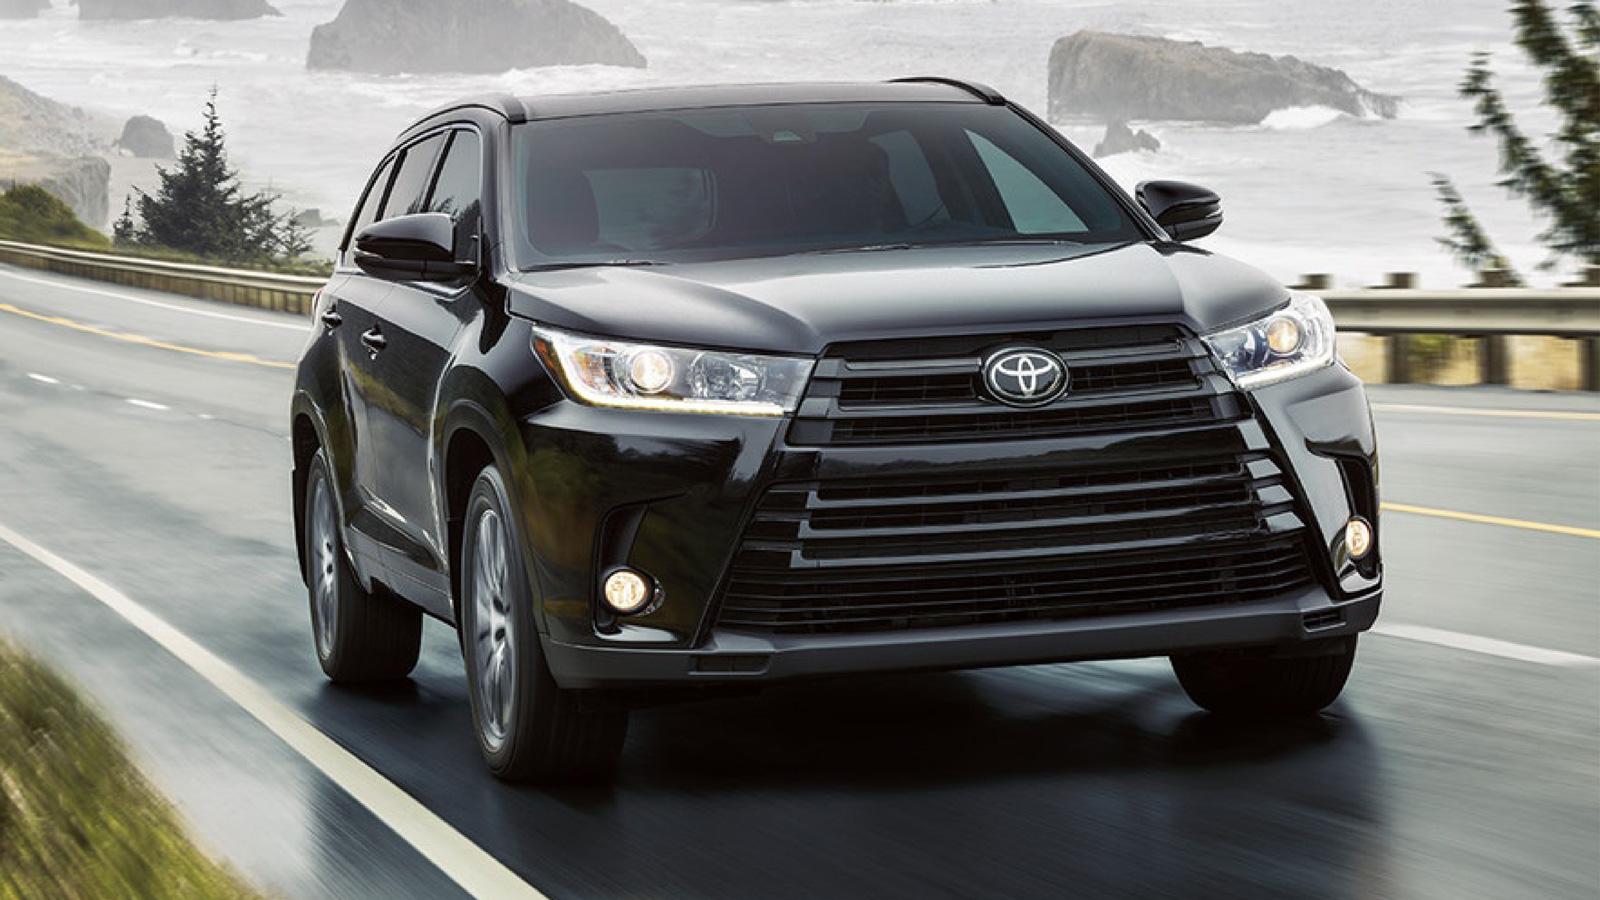 2018 Toyota Highlander: Still the #1 Midsize SUV - Peruzzi Toyota Blog